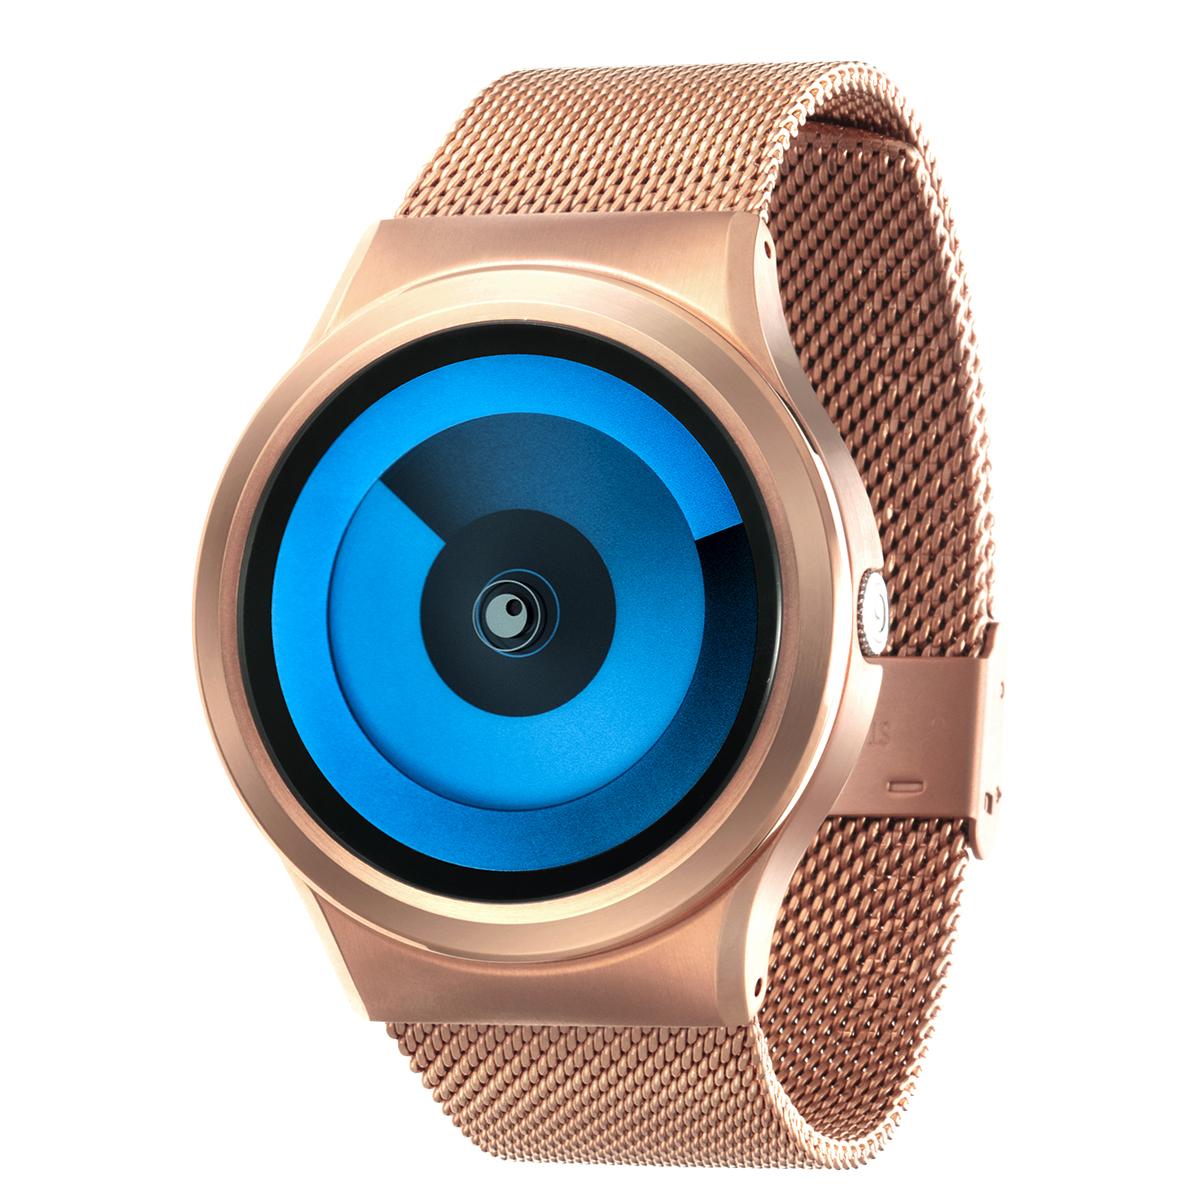 ファッションウォッチ デザインウォッチ 5ATM メーカー保障12ヶ月 ベルト調整用工具 LOGO入りクロス 取扱説明書 ZIIIROとは関係ありません ZEROOTIME ゼロタイム ZEROO SPIRAL 電池式クォーツ 倉庫 ペア用 デザイナーズ GALAXY 腕時計 ブルー ゼロ レディース ランキング総合1位 メンズ W06015B05SM05 おしゃれ時計 ユニセックス